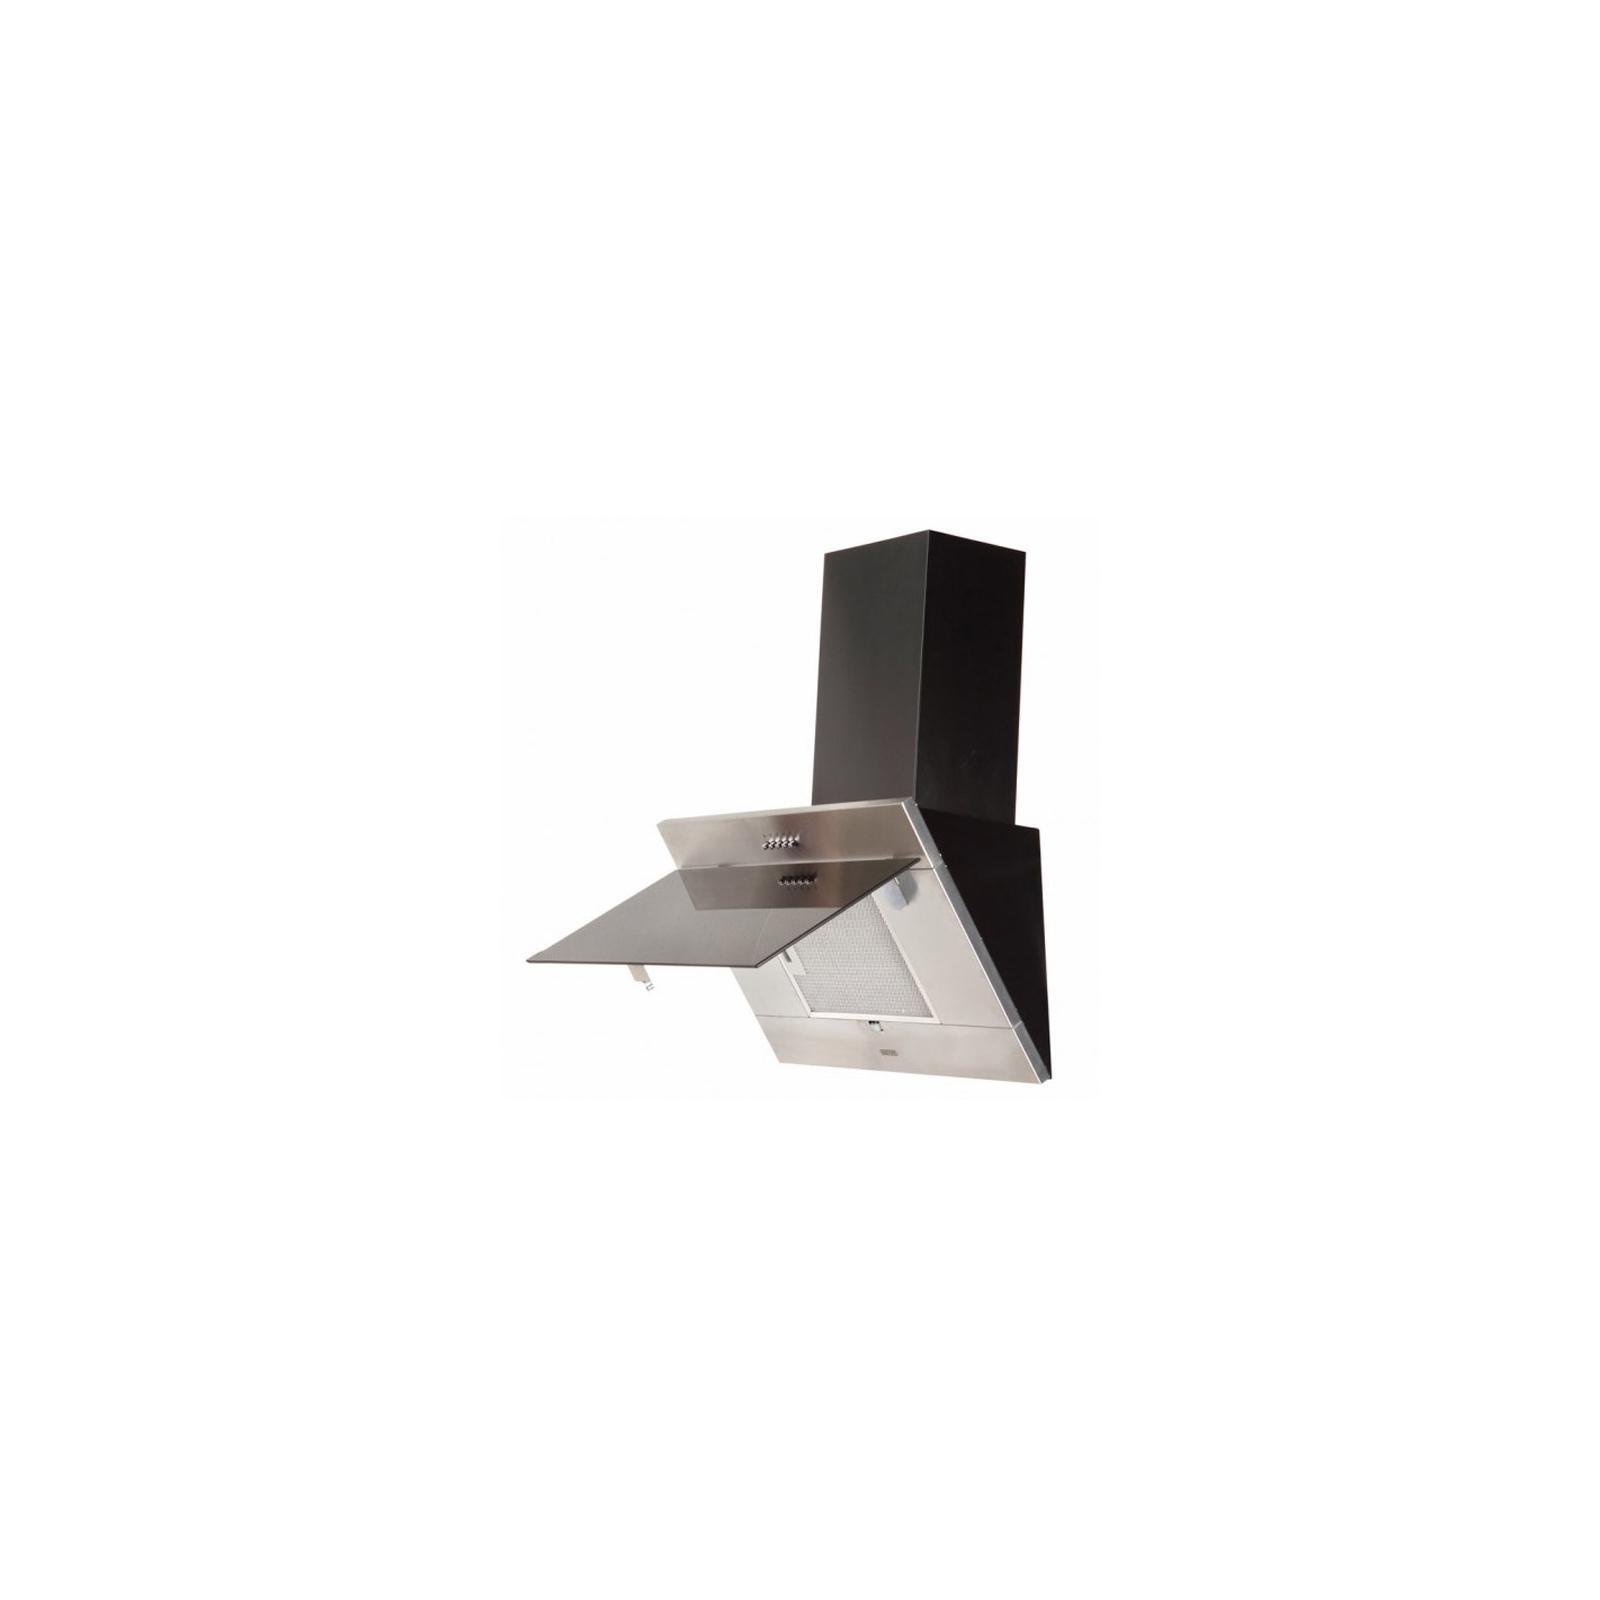 Вытяжка кухонная ELEYUS Lana 700 50 WH изображение 4